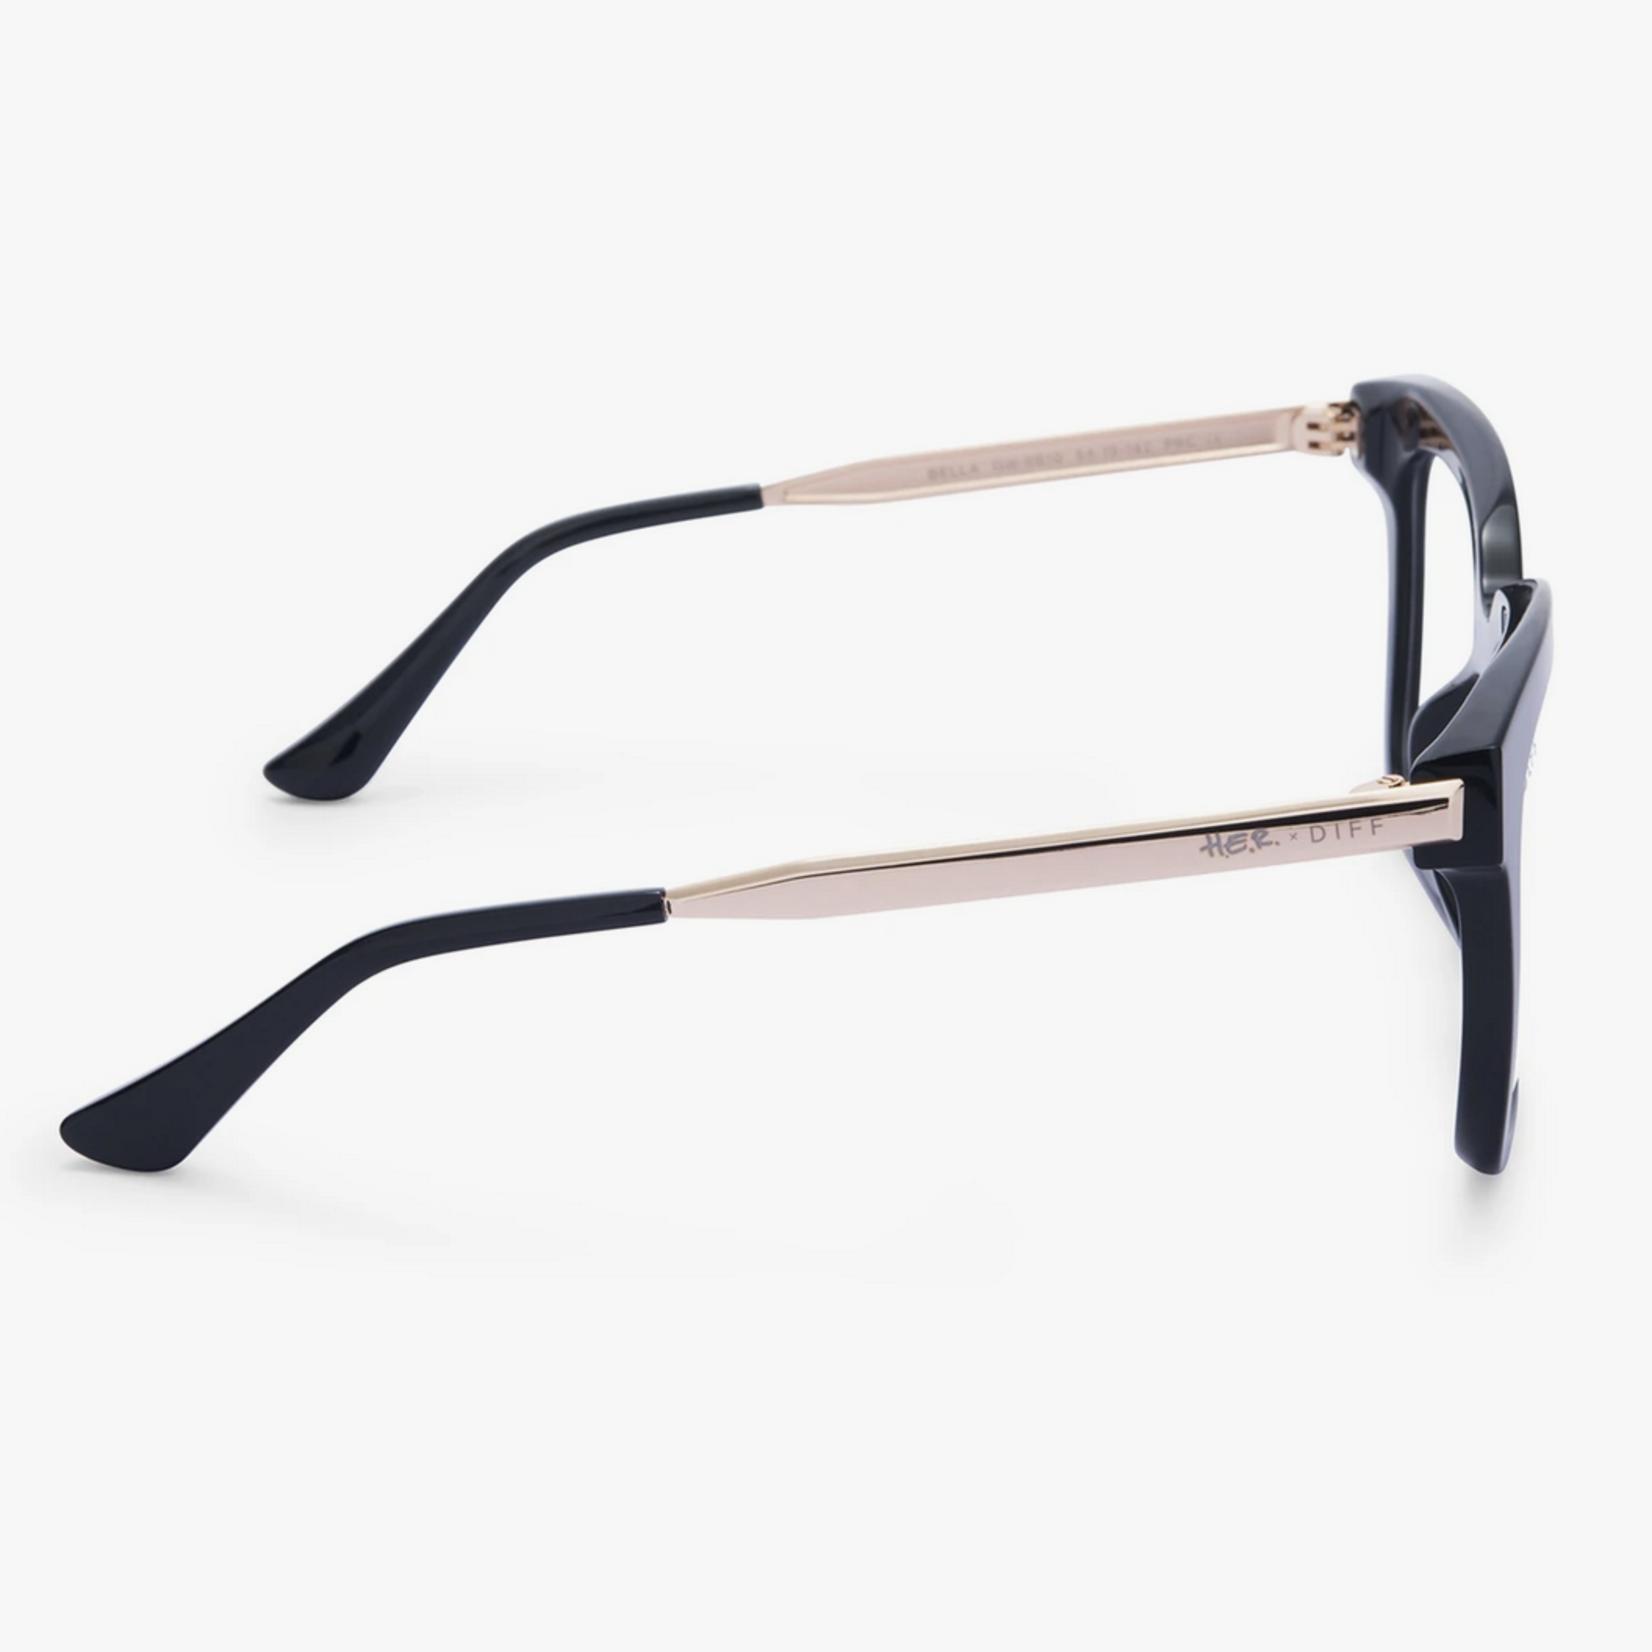 Diff - H.E.R. Bella blue light glasses